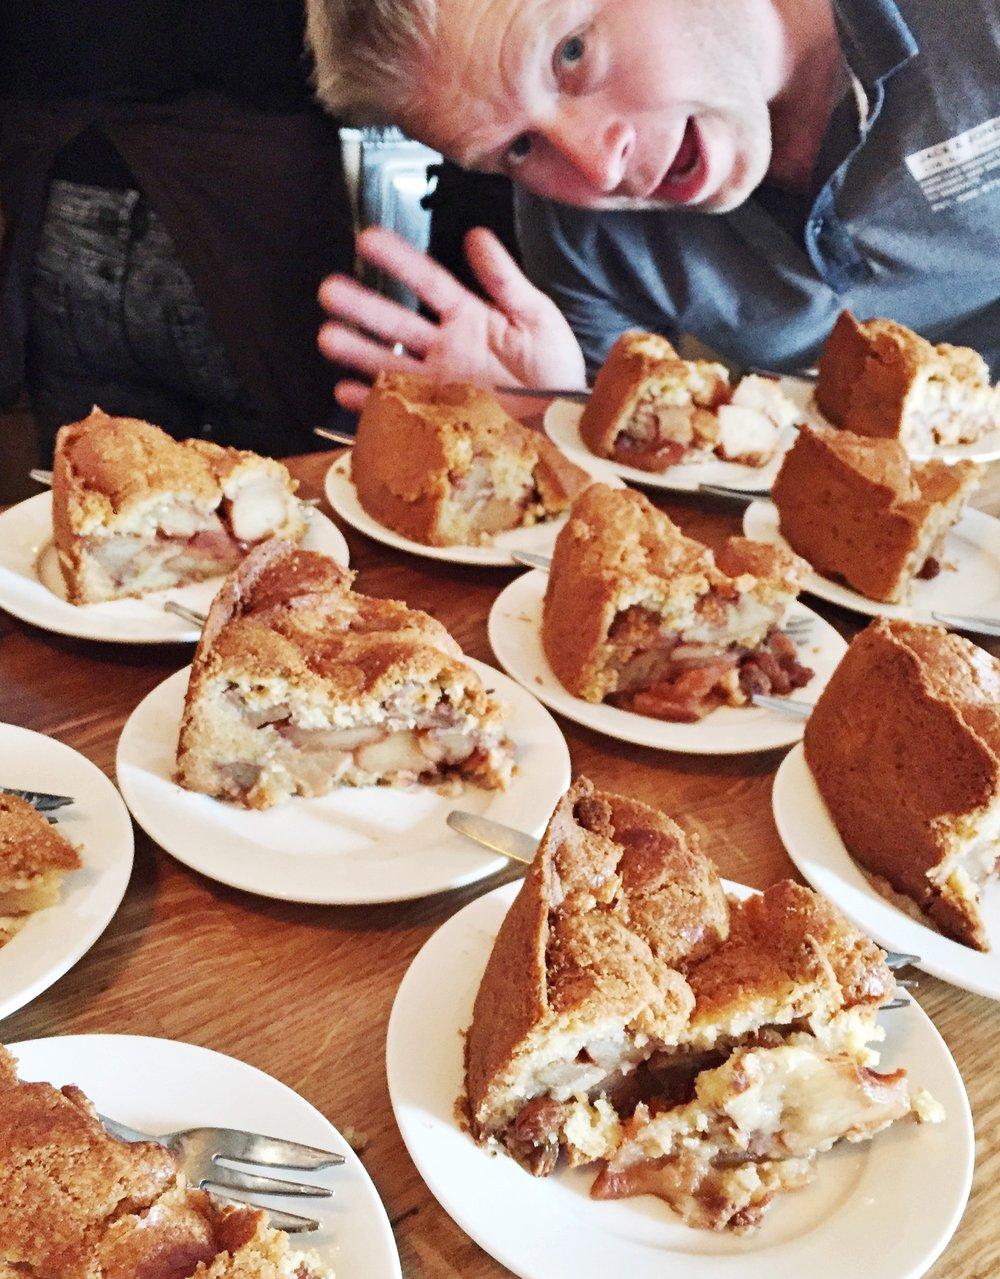 熱騰騰香脆的蘋果派, 搭上新鮮奶油 一整桌等待客人享用的蘋果派,以及熱情的老闆